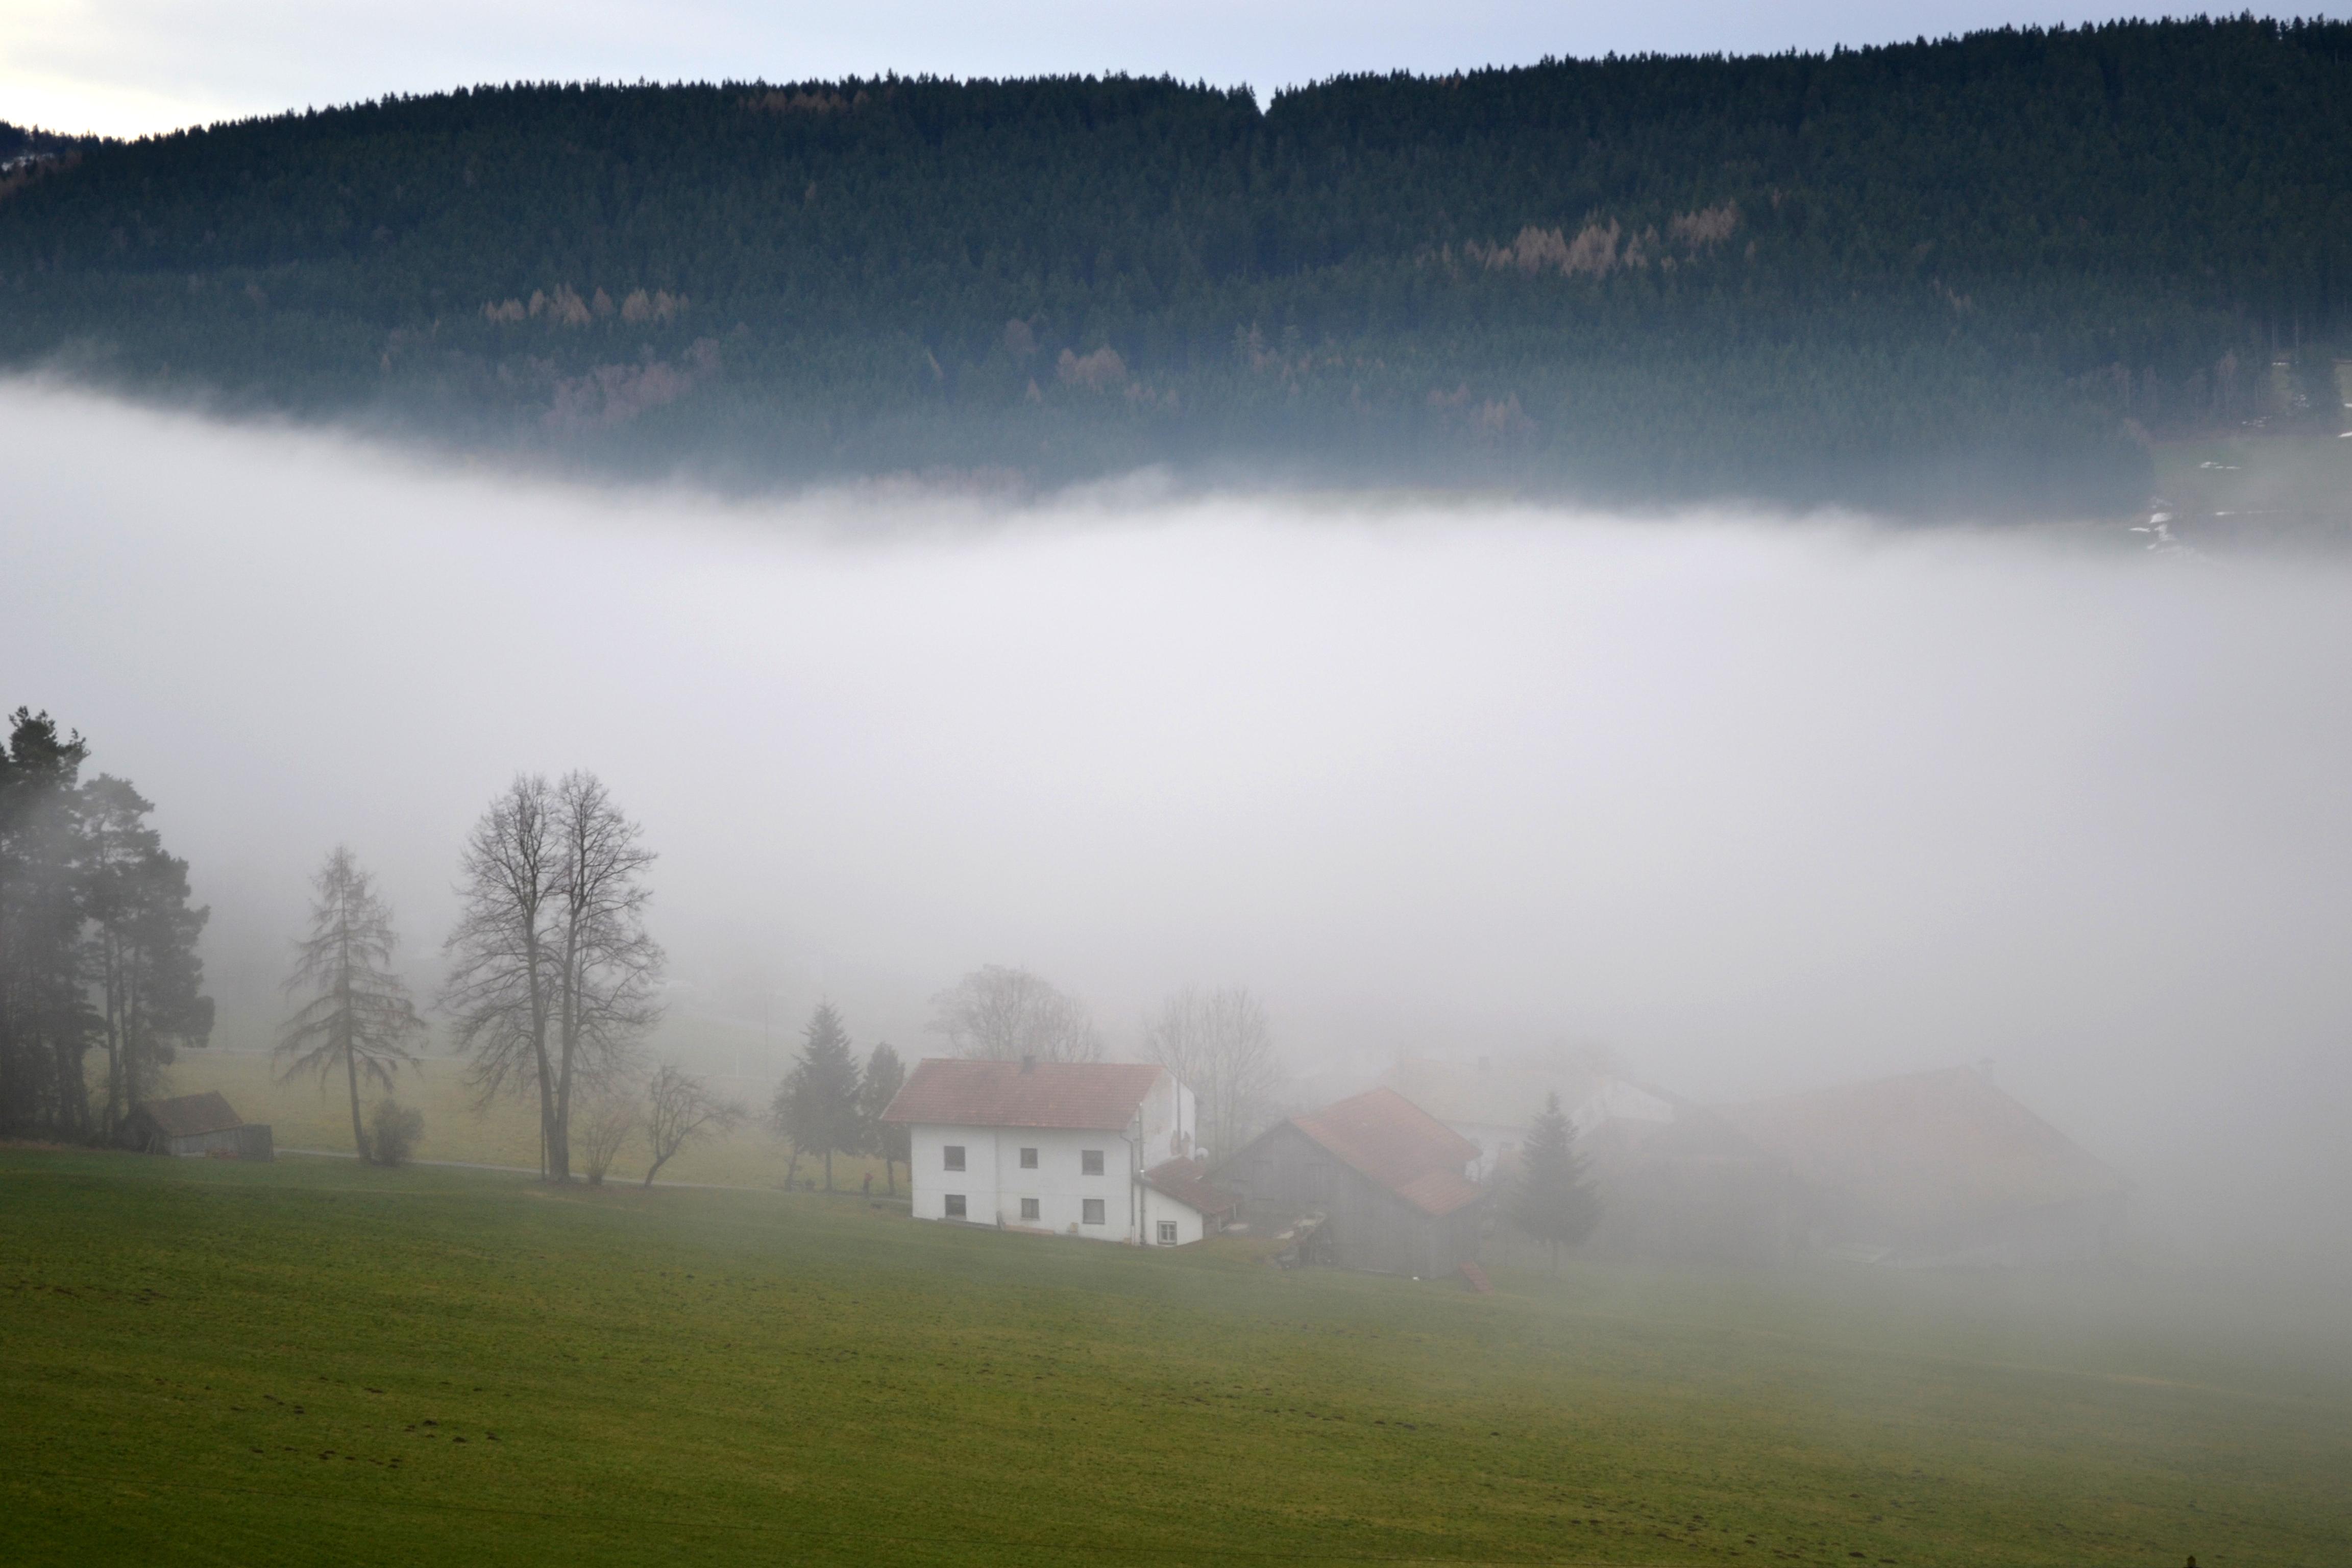 Nebelschwaden im Bayerischen Wald bei Neukirchen beim Heiligen Blut